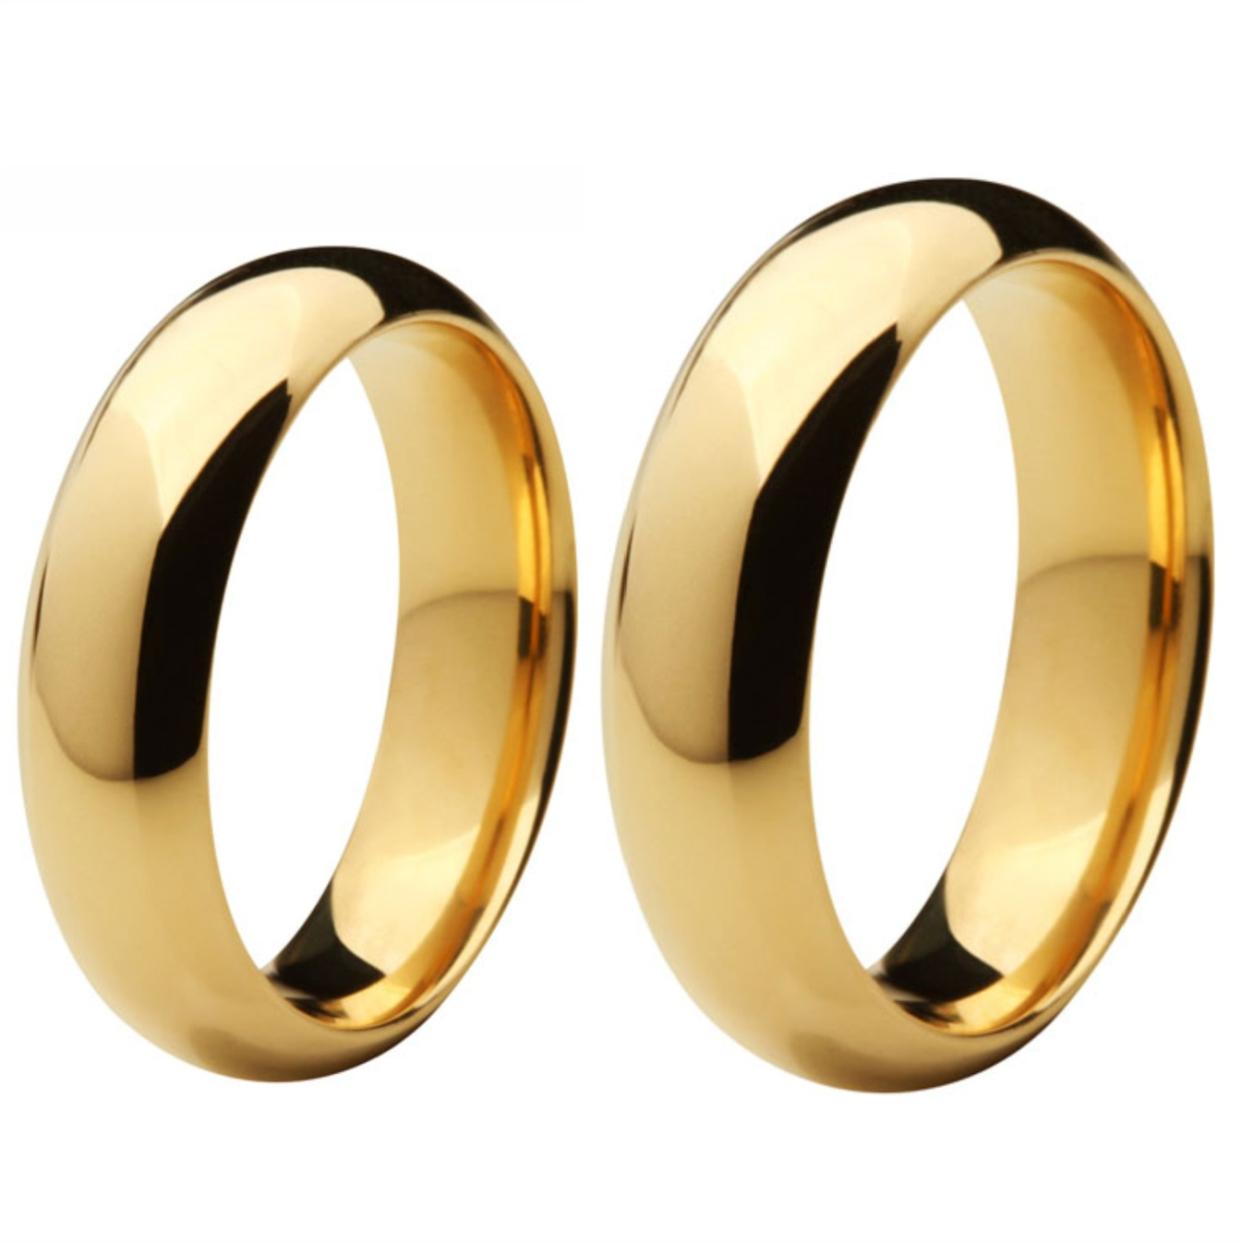 Aliança de Casamento de Ouro 18k / 750, Anatômica e Abaulada - O PAR